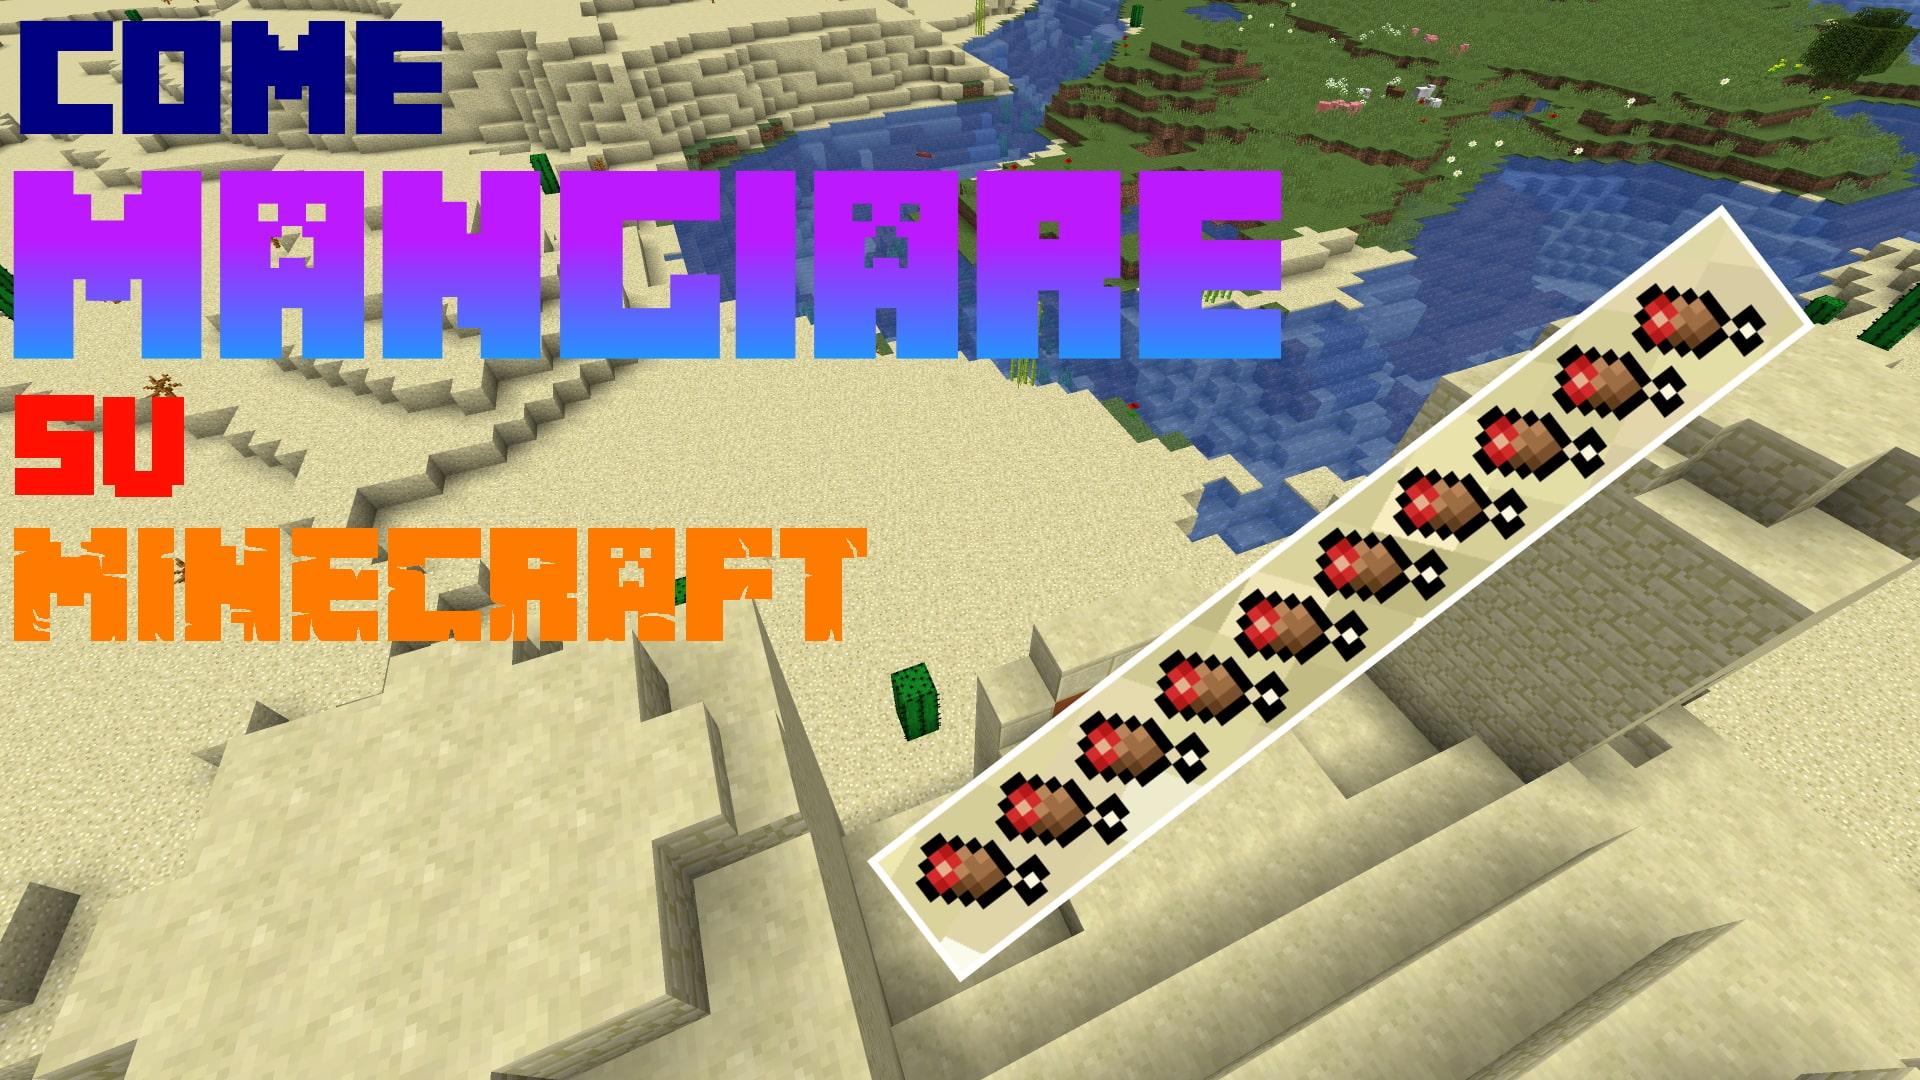 Ecco come sopravvivere in Minecraft imparando a mangiare nel gioco! Abilità semplice ma non da dare per scontata!